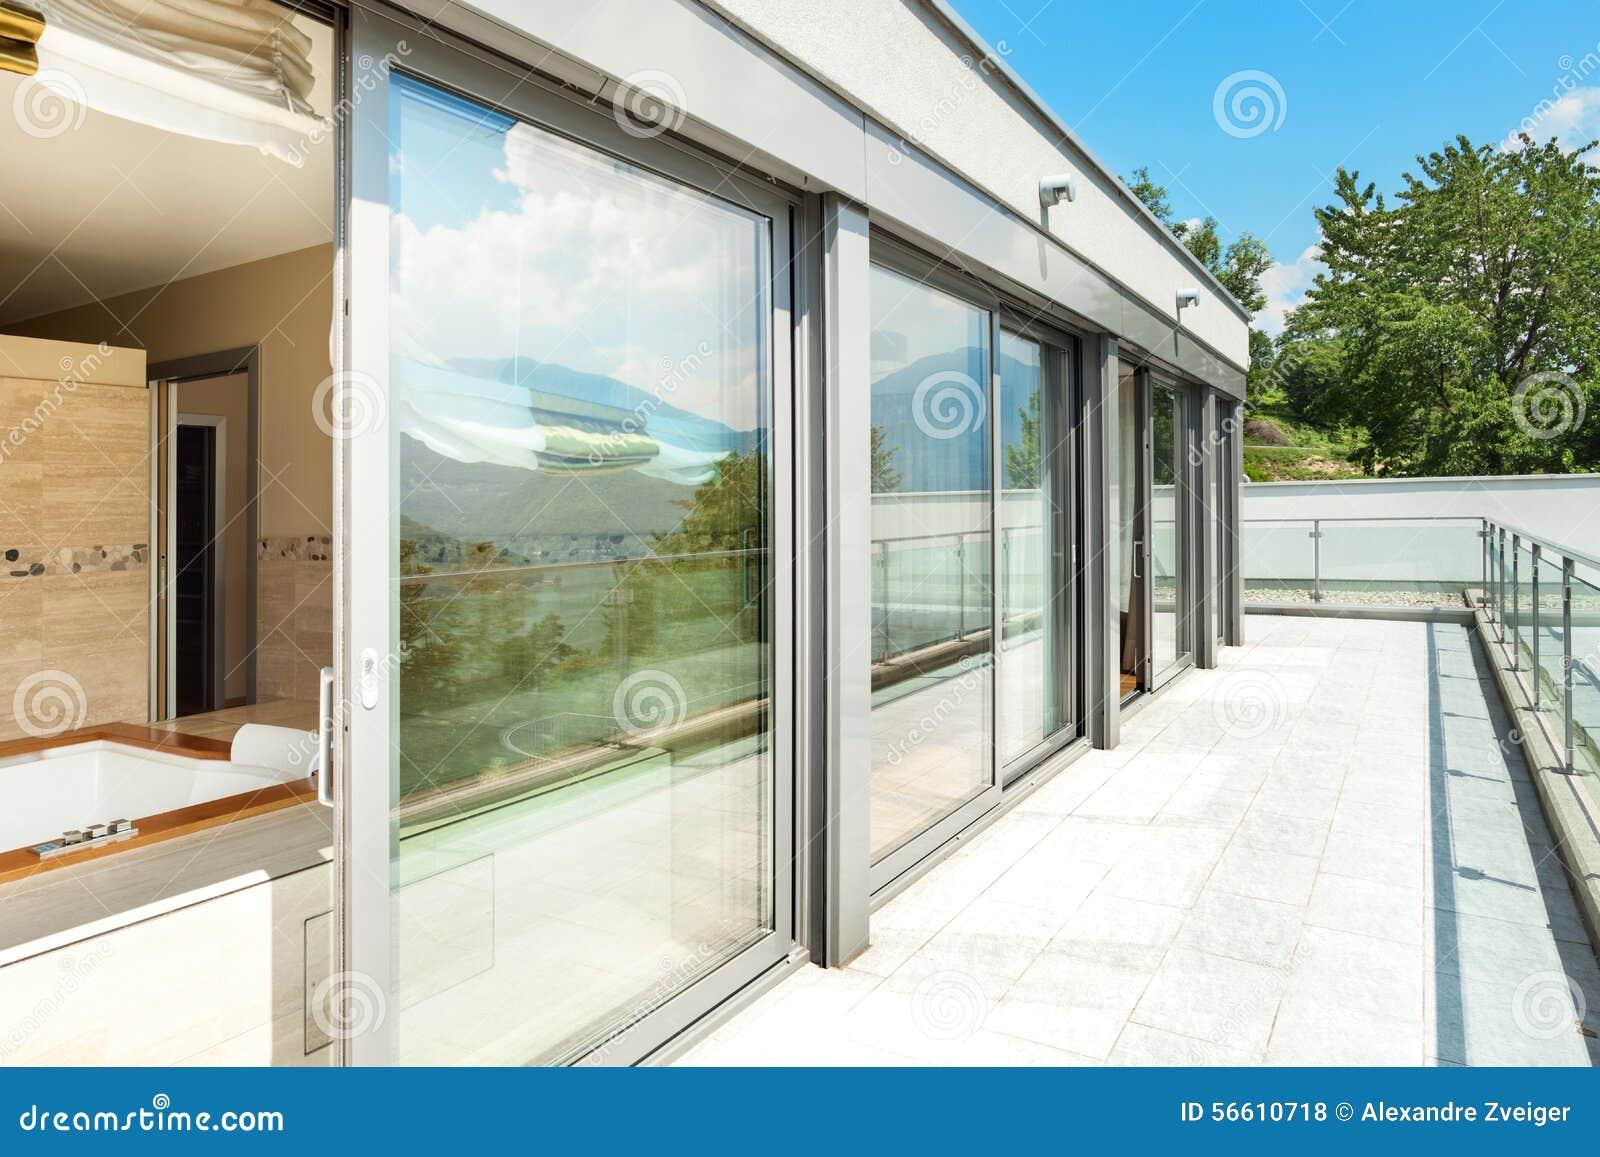 Badezimmer Mit Jacuzzi Von Der Terrasse Stockfoto Bild Von Blau